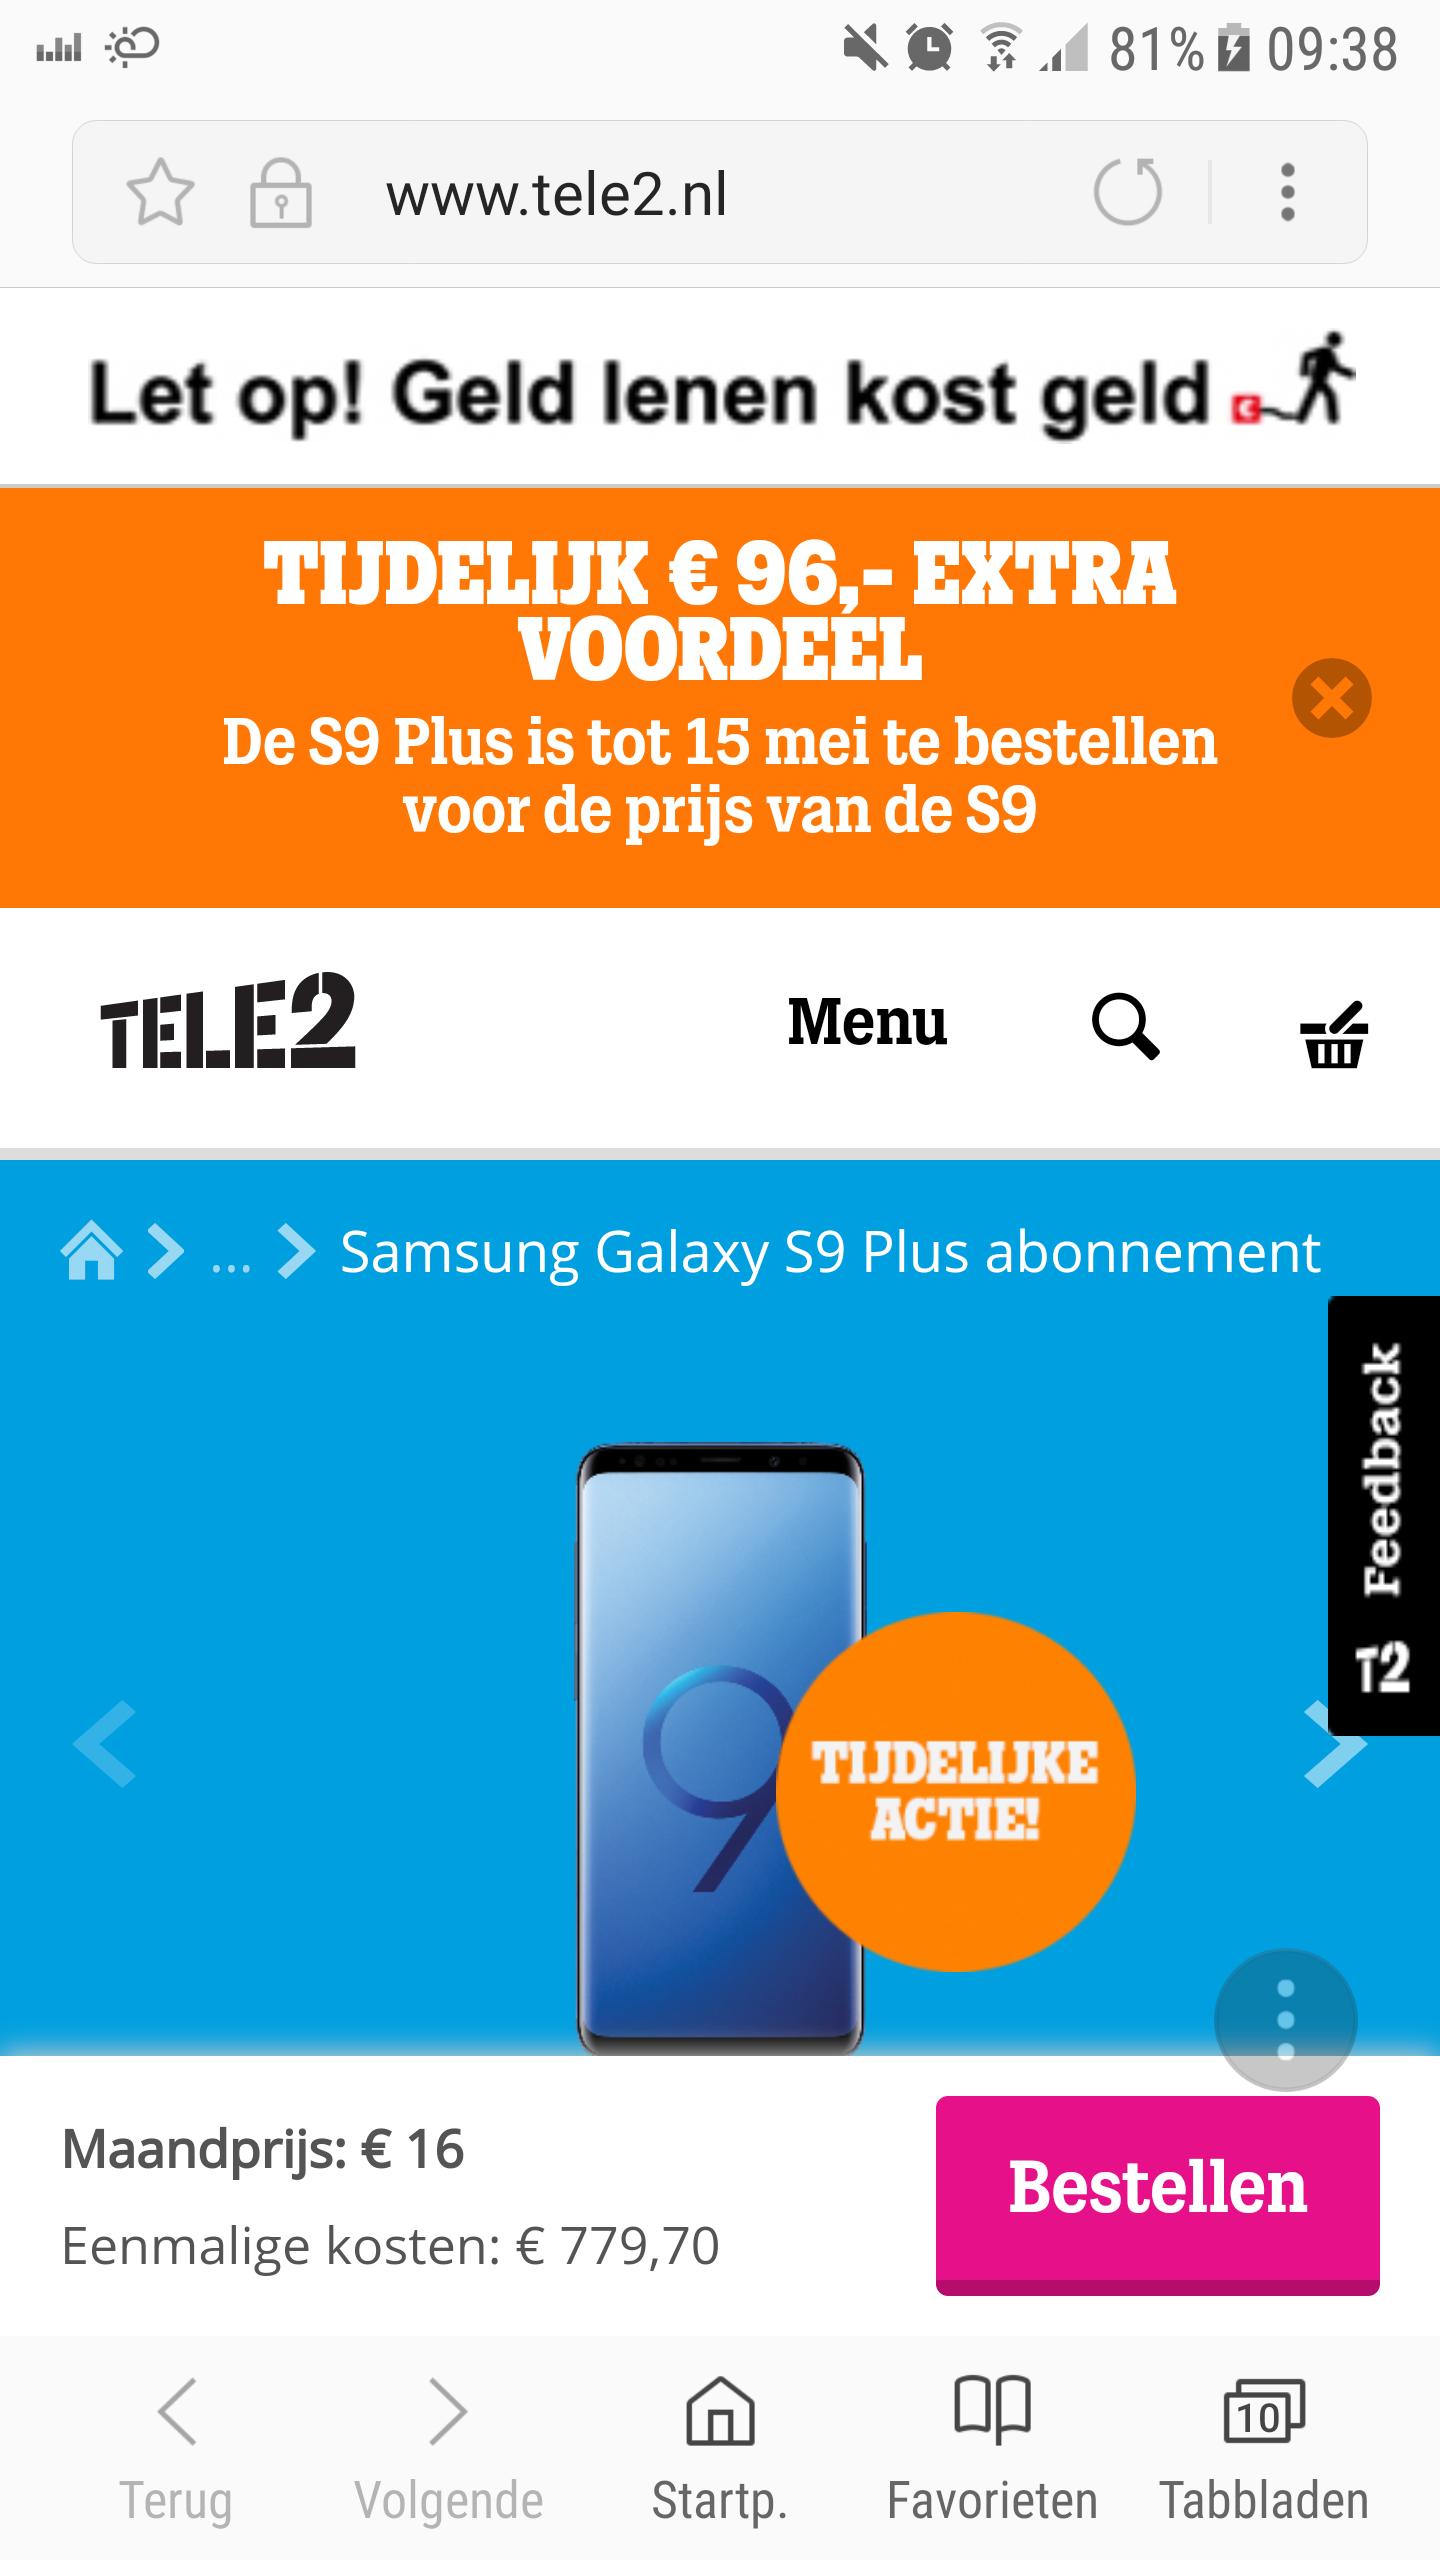 Nu Gratis upgrade S9 naar (S9 plus €744,-) €5,70 Thuisheffing + €30,- aansluitkosten + 2 GB Internet €11,-  + maandelijks opzegbaar €2,-